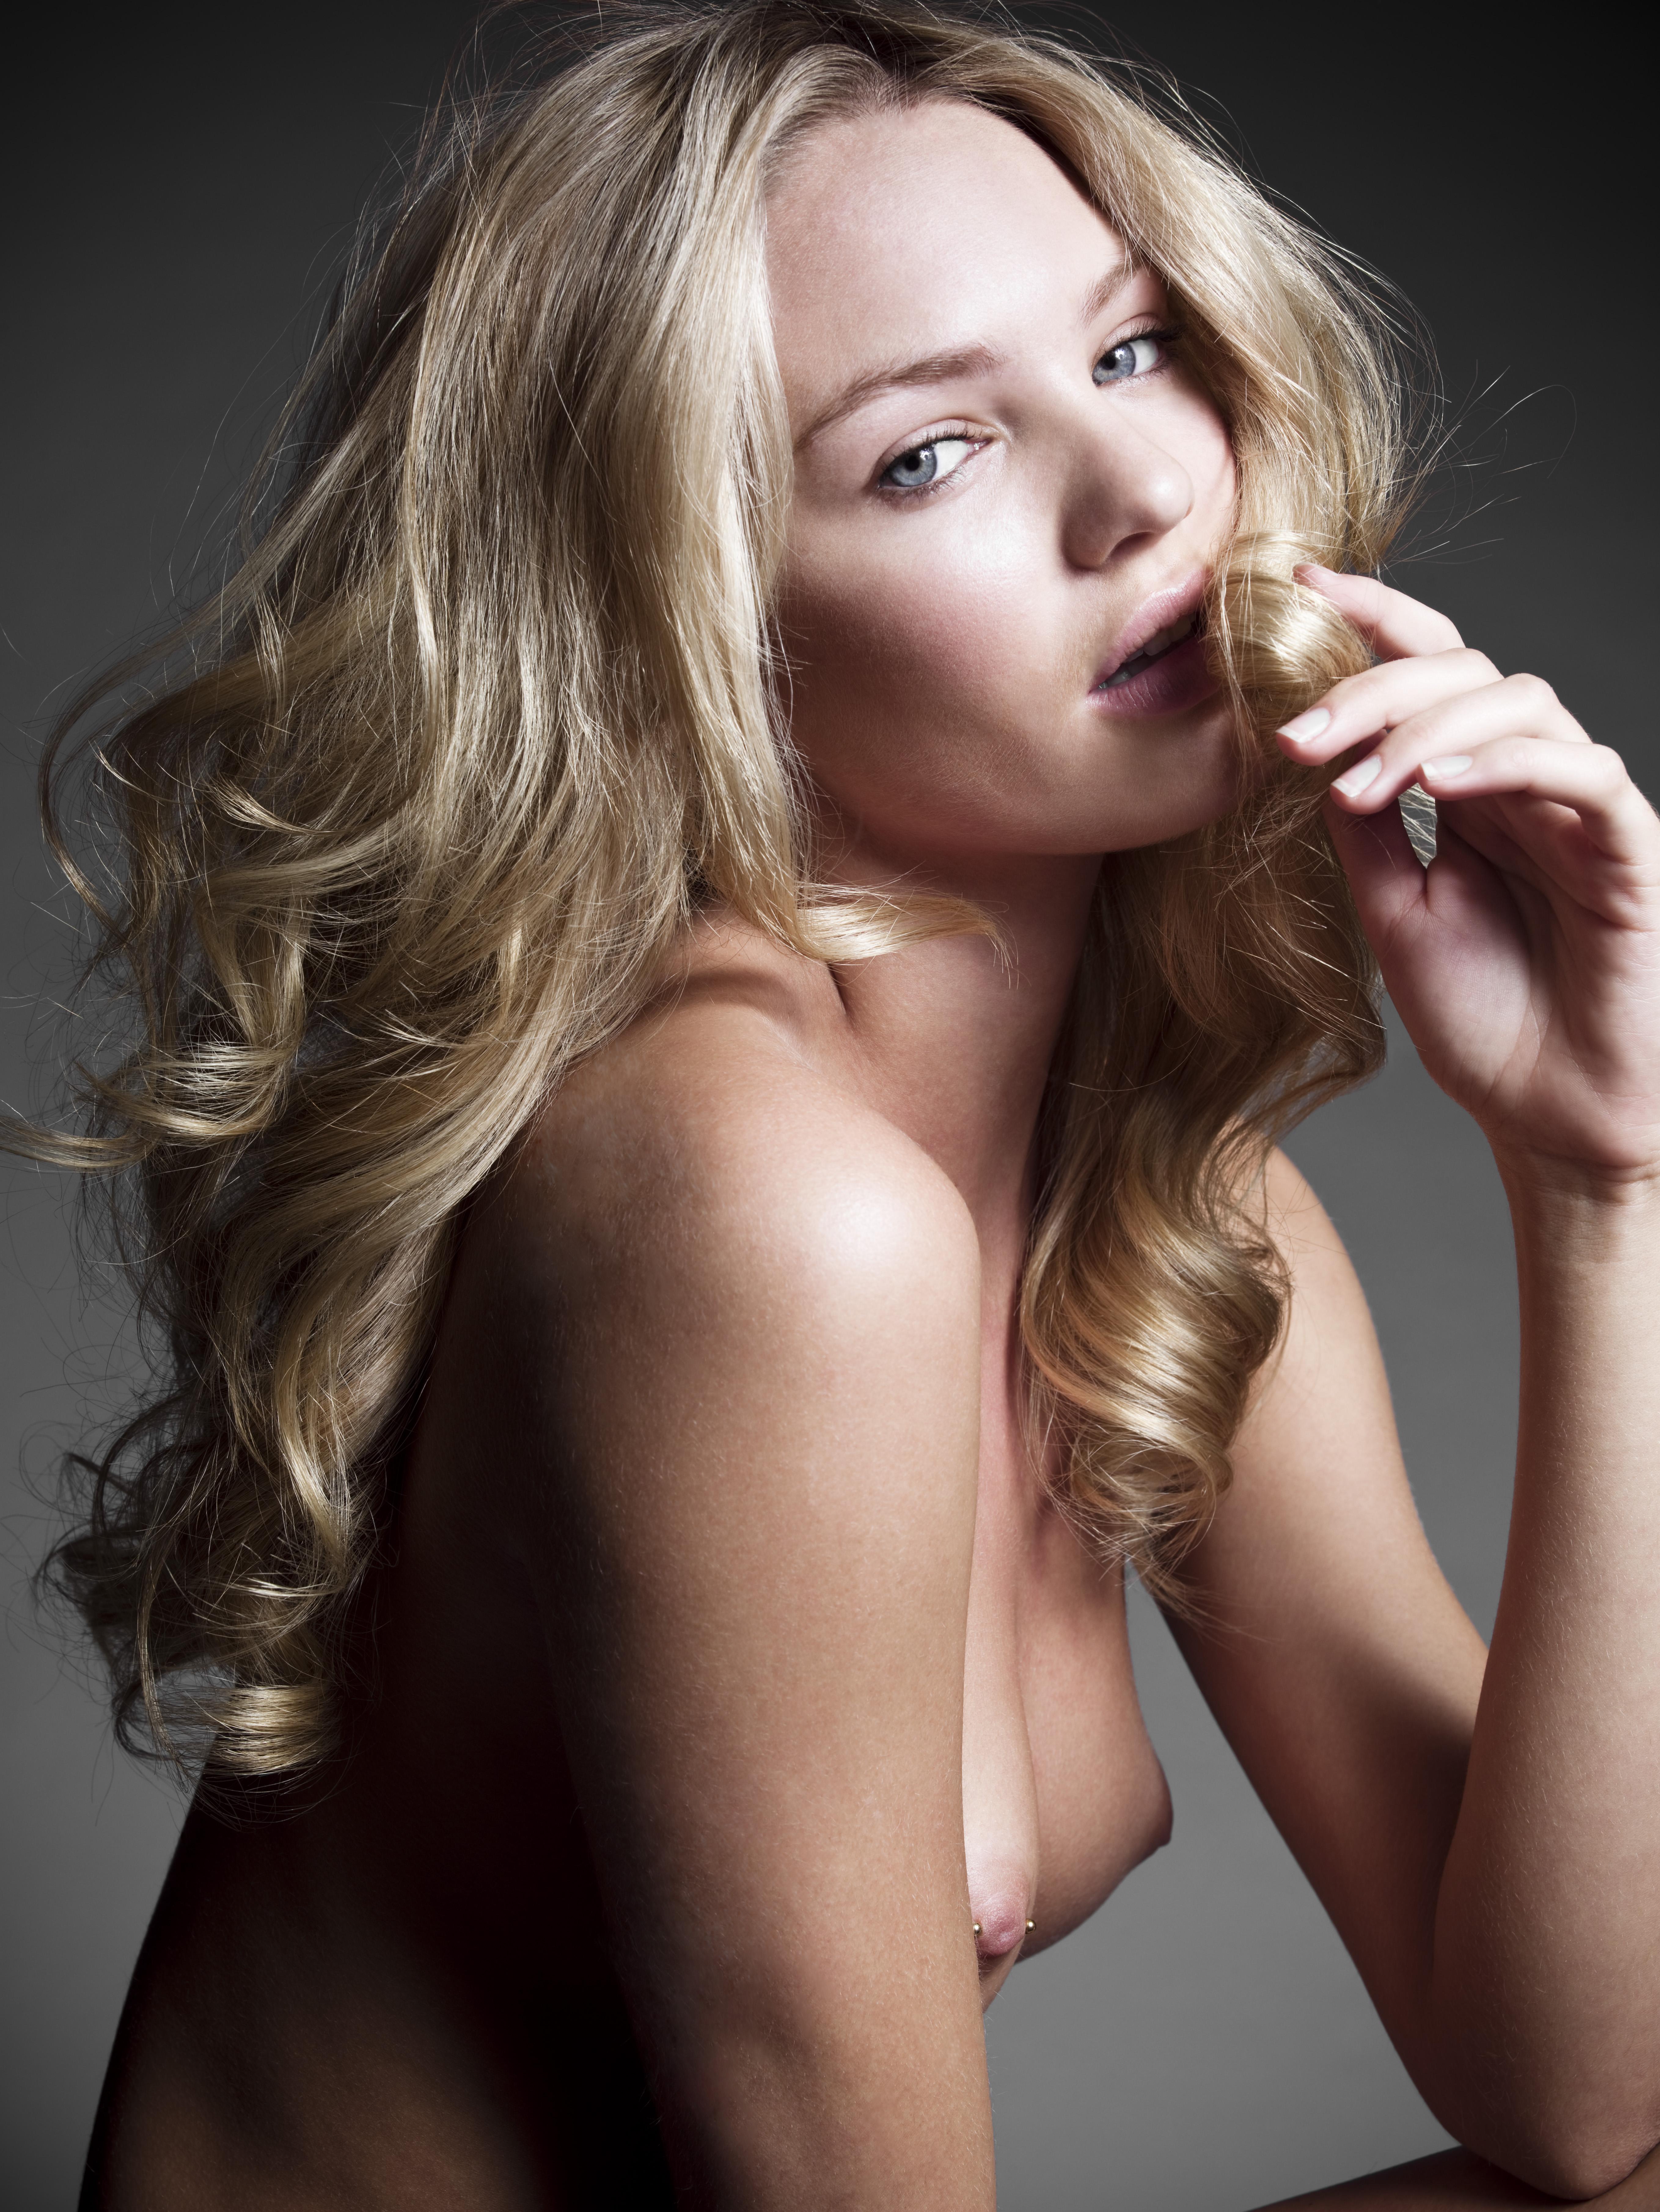 piercing gade hooker blond